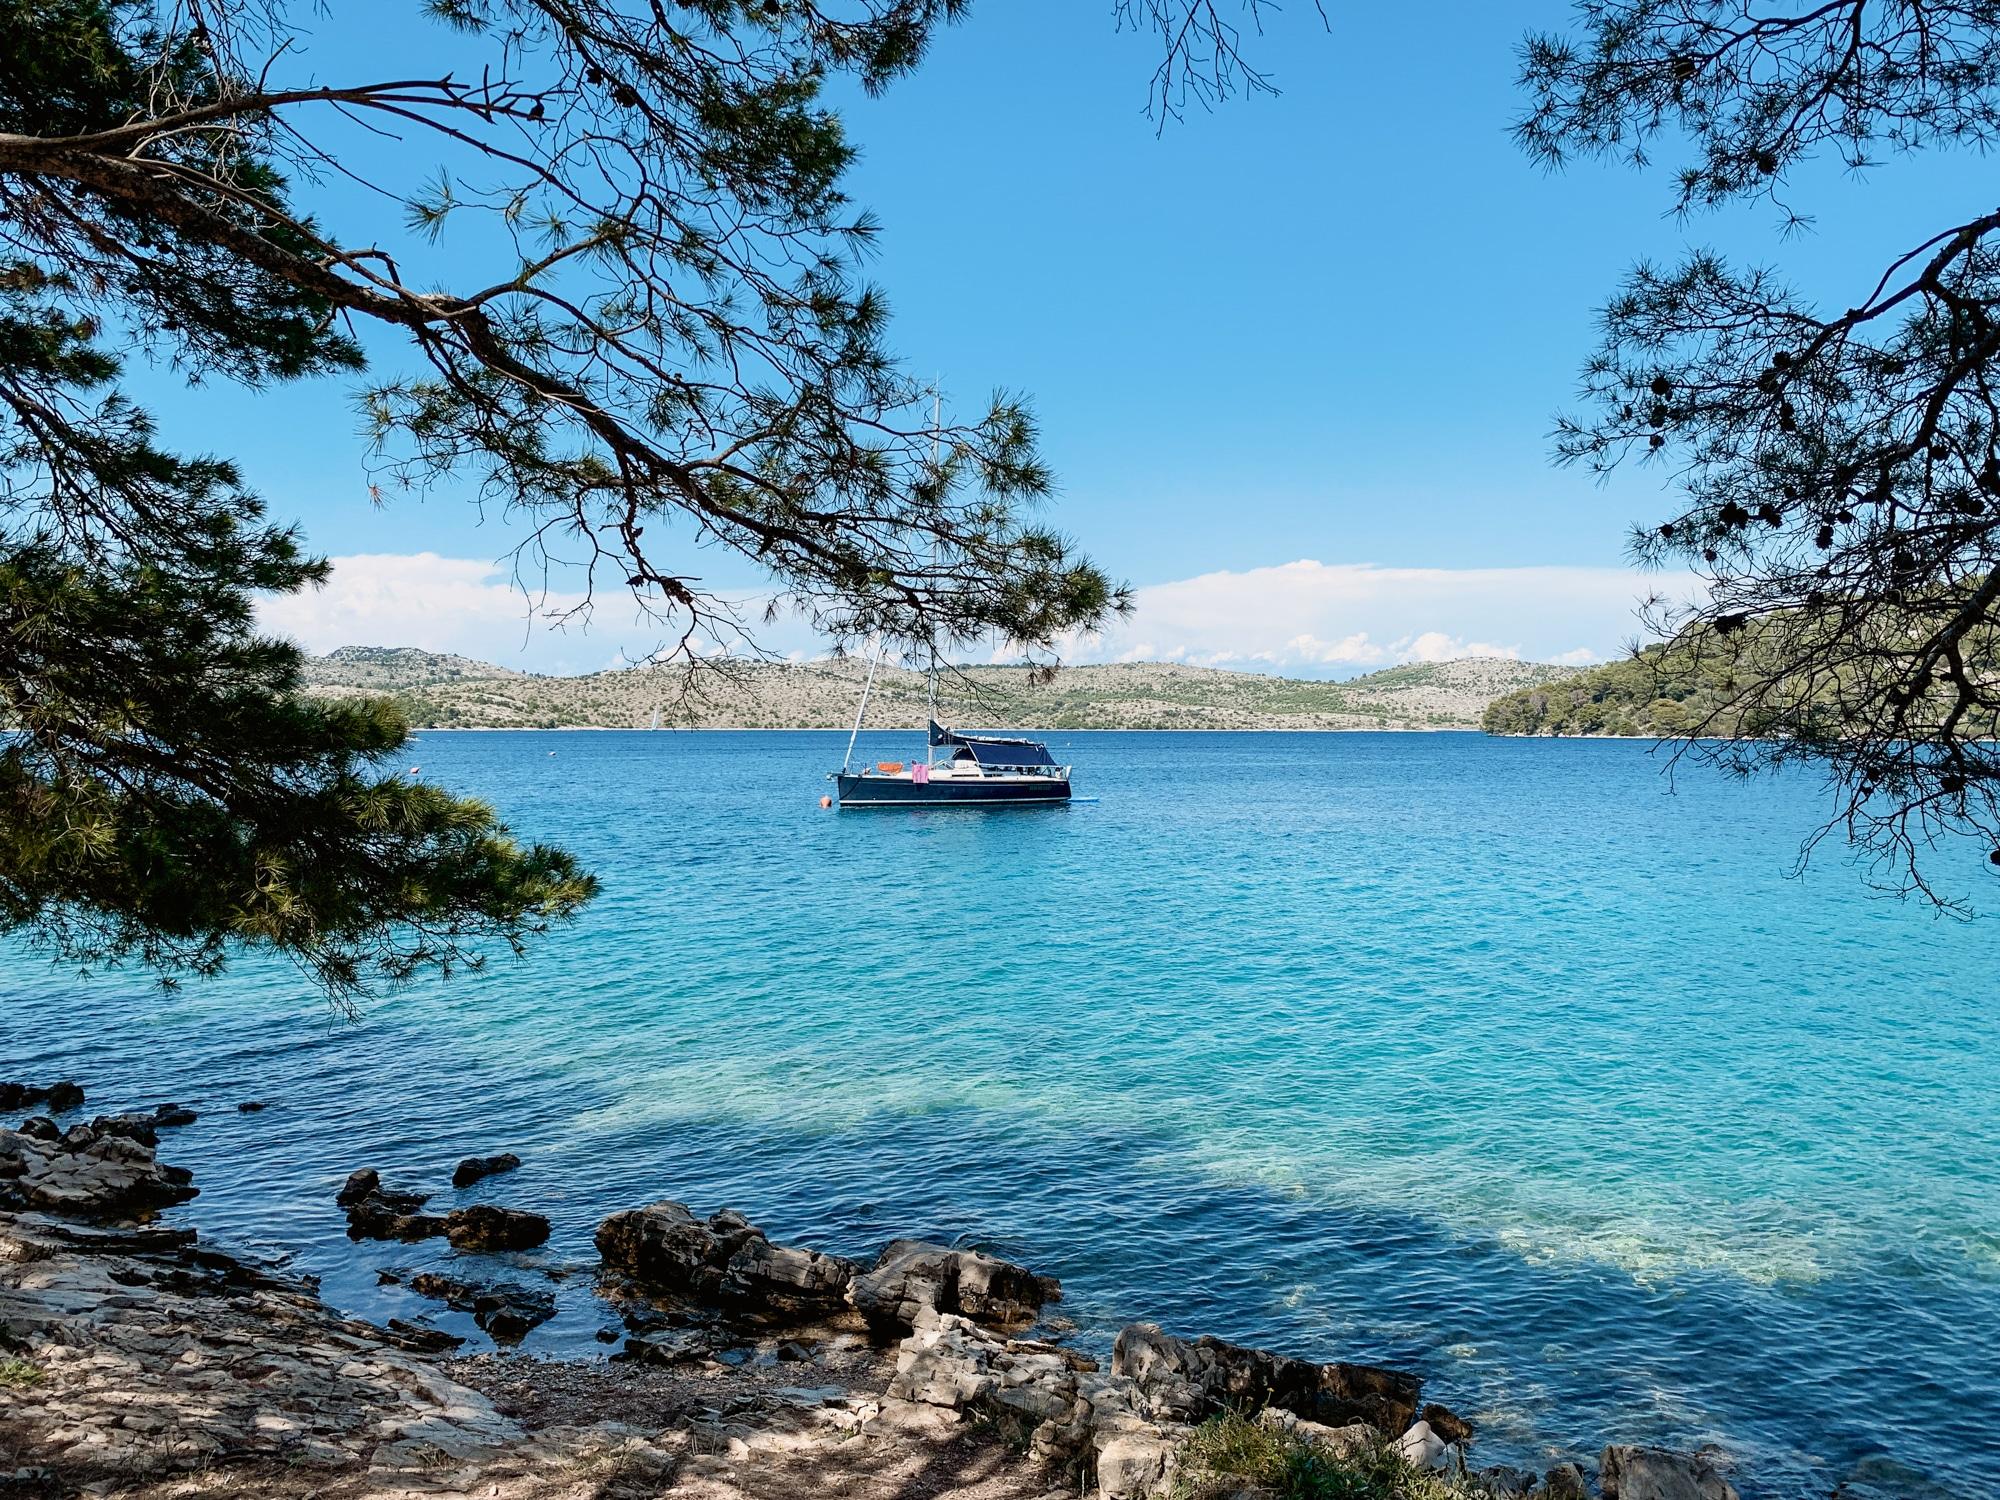 Dugi Otok Sehenswürdigkeiten: Meine Highlights und Tipps für die Insel - Naturpark Telascica